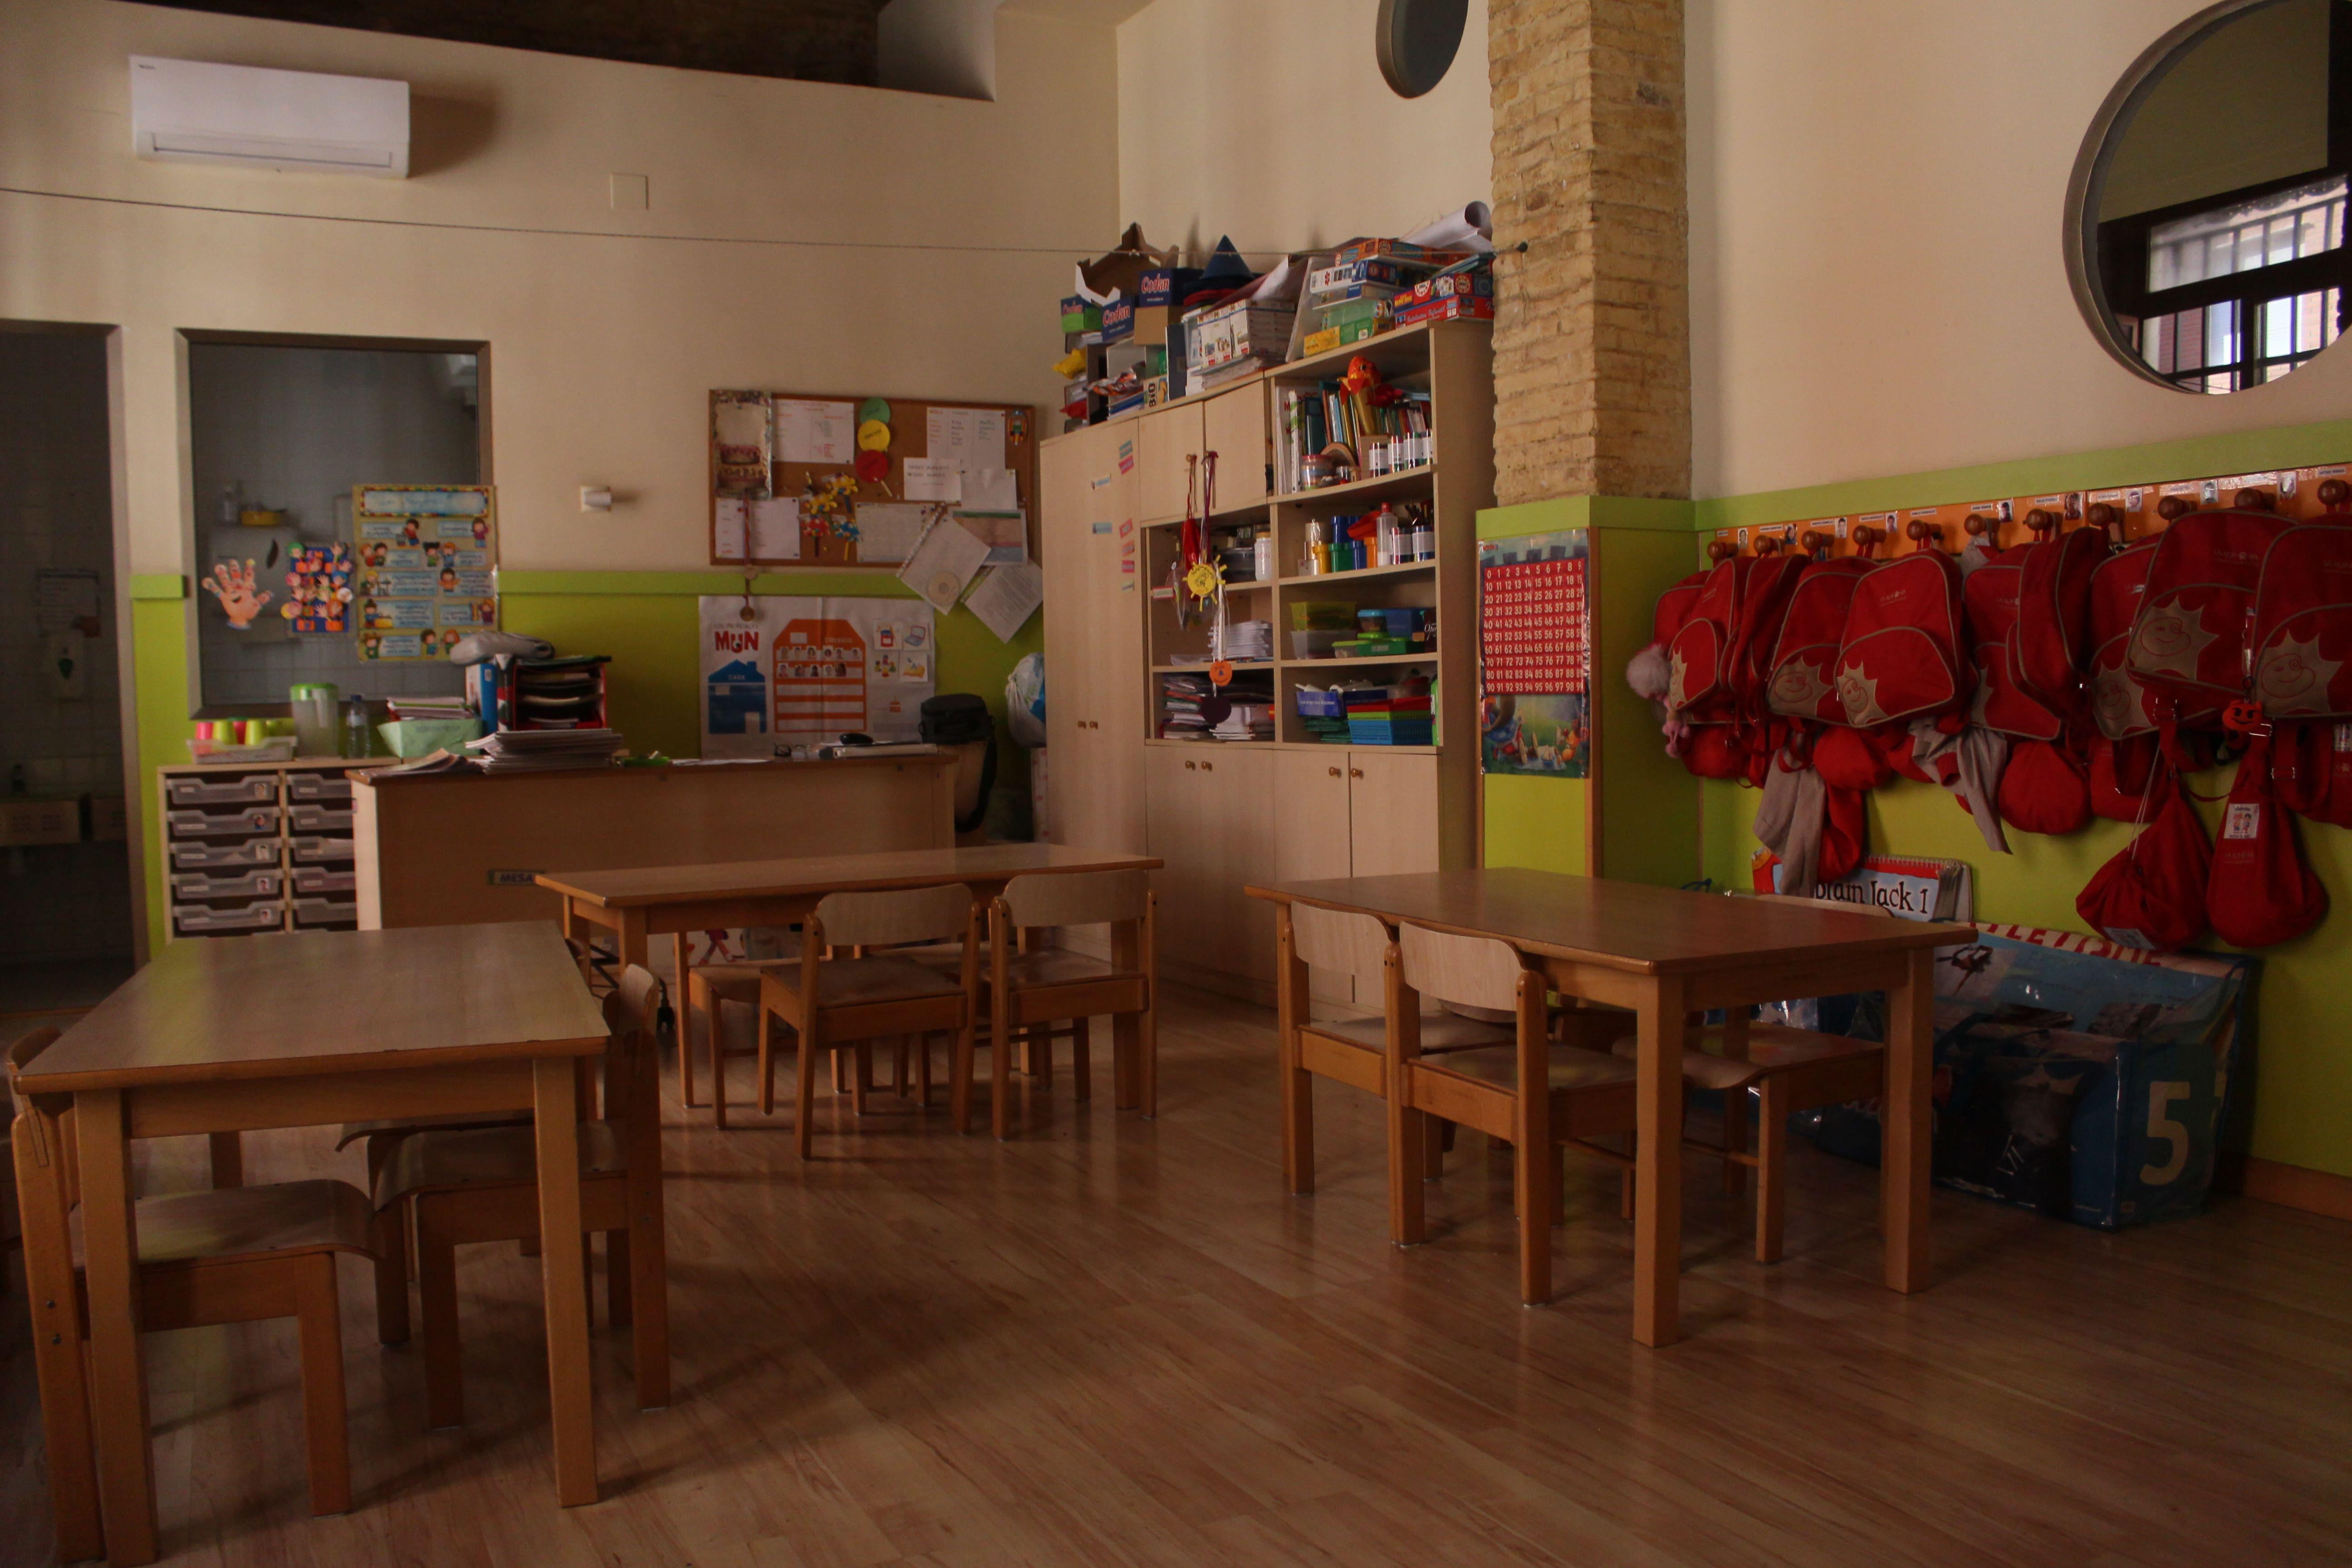 escuela infantil bilingüe en Valencia - clase con madera